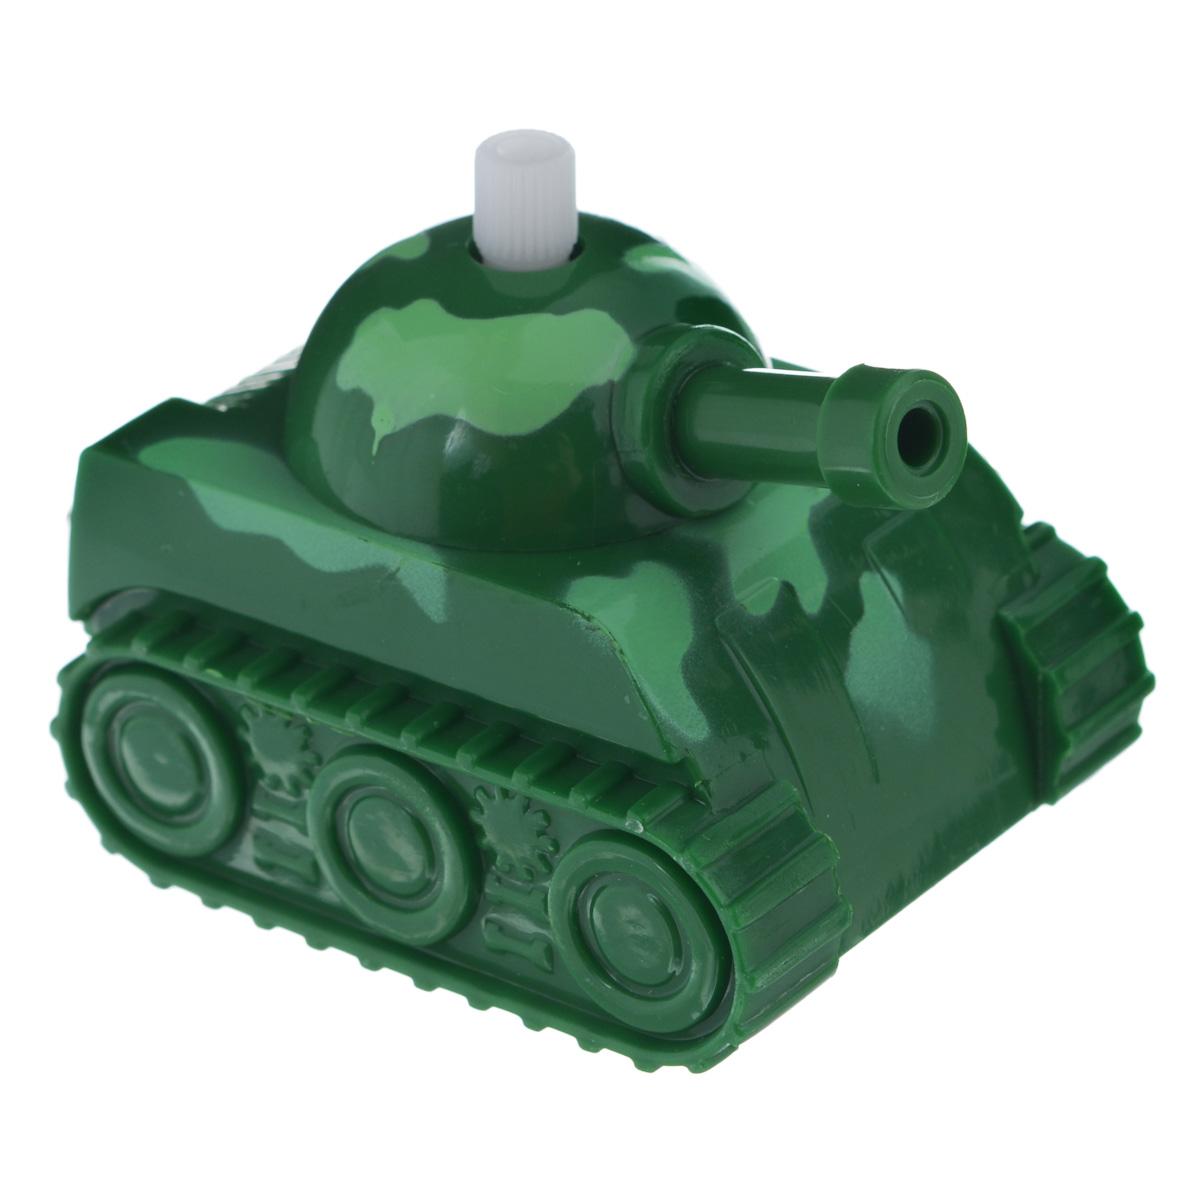 Игрушка заводная Танчик, цвет: зеленый2K-06BD_ зеленыйИгрушка Hans Танчик привлечет внимание вашего малыша и не позволит ему скучать! Выполненная из безопасного пластика, игрушка представляет собой танк. Игрушка имеет механический завод. Для запуска, придерживая колеса, поверните заводной ключ по часовой стрелке до упора. Установите игрушку на поверхность и она поедет вперед. Заводная игрушка Hans Танчик поможет ребенку в развитии воображения, мелкой моторики рук, концентрации внимания и цветового восприятия.